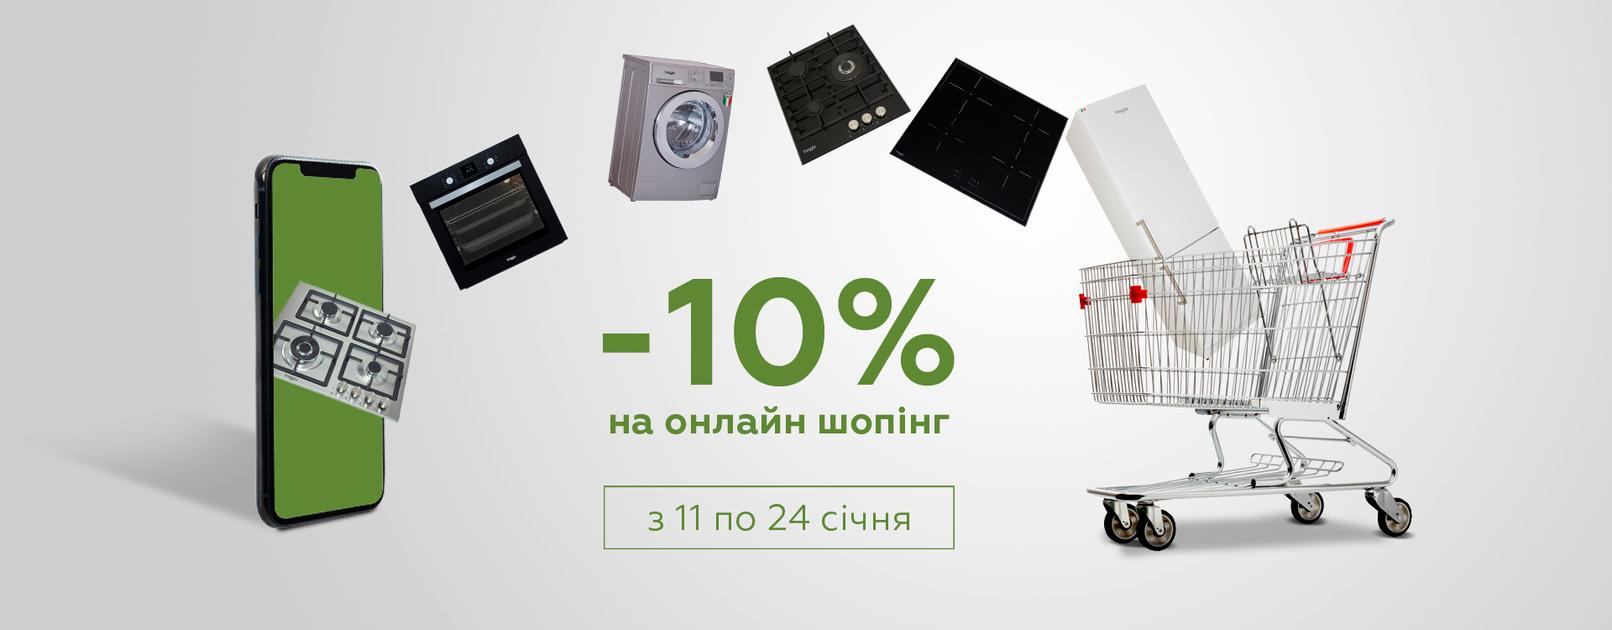 Знижки на онлайн шопінг